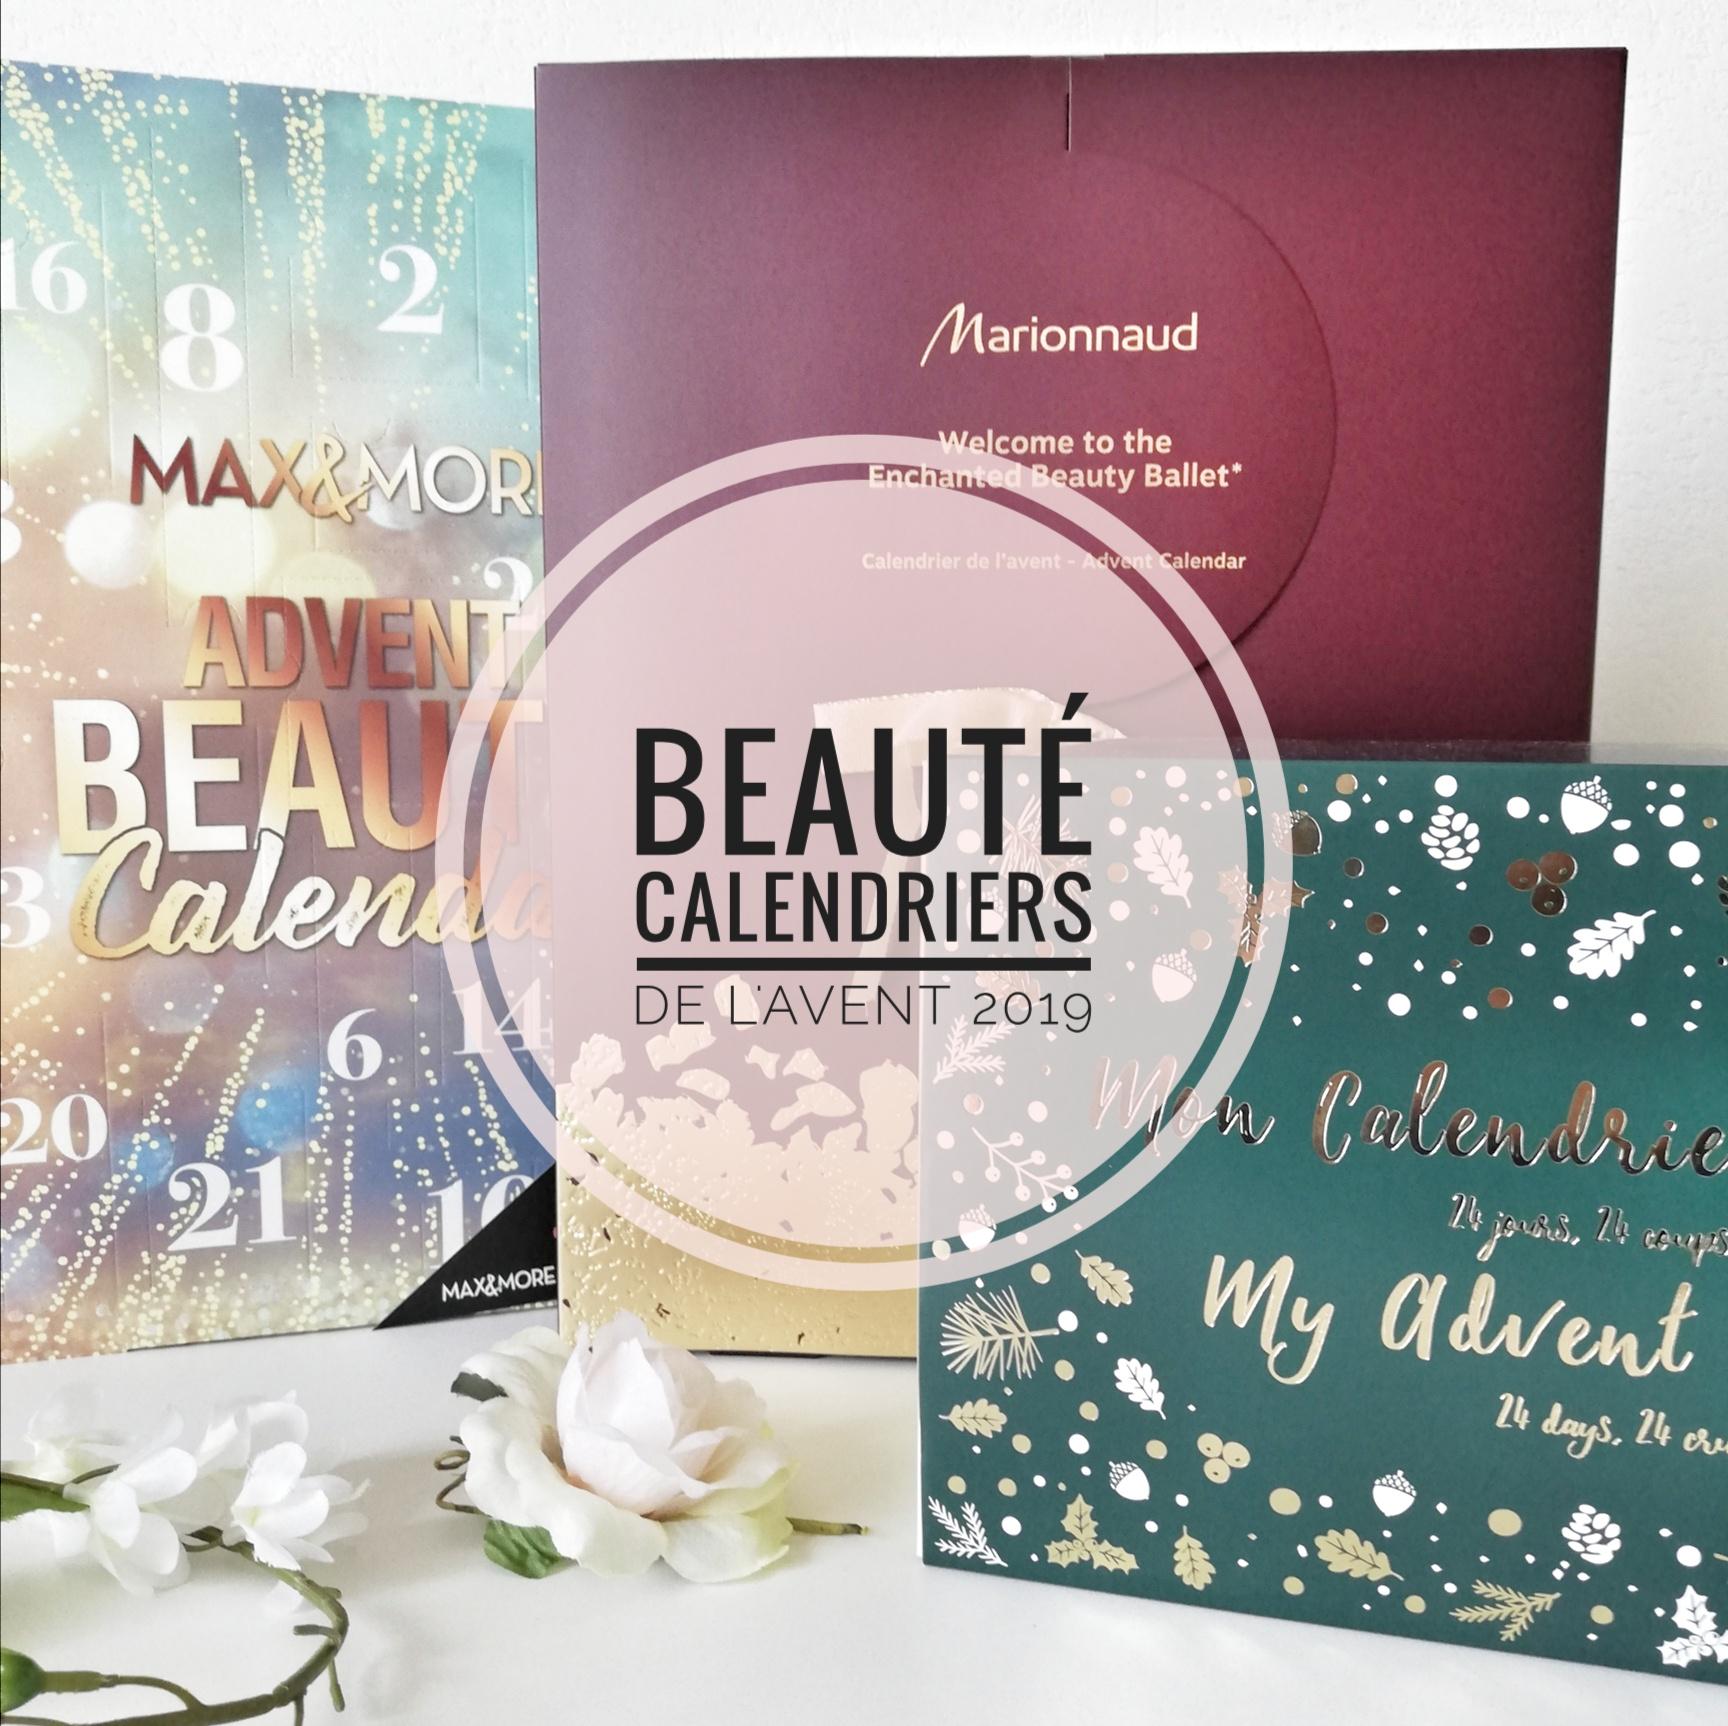 Beauté : calendriers de l'avent 2019